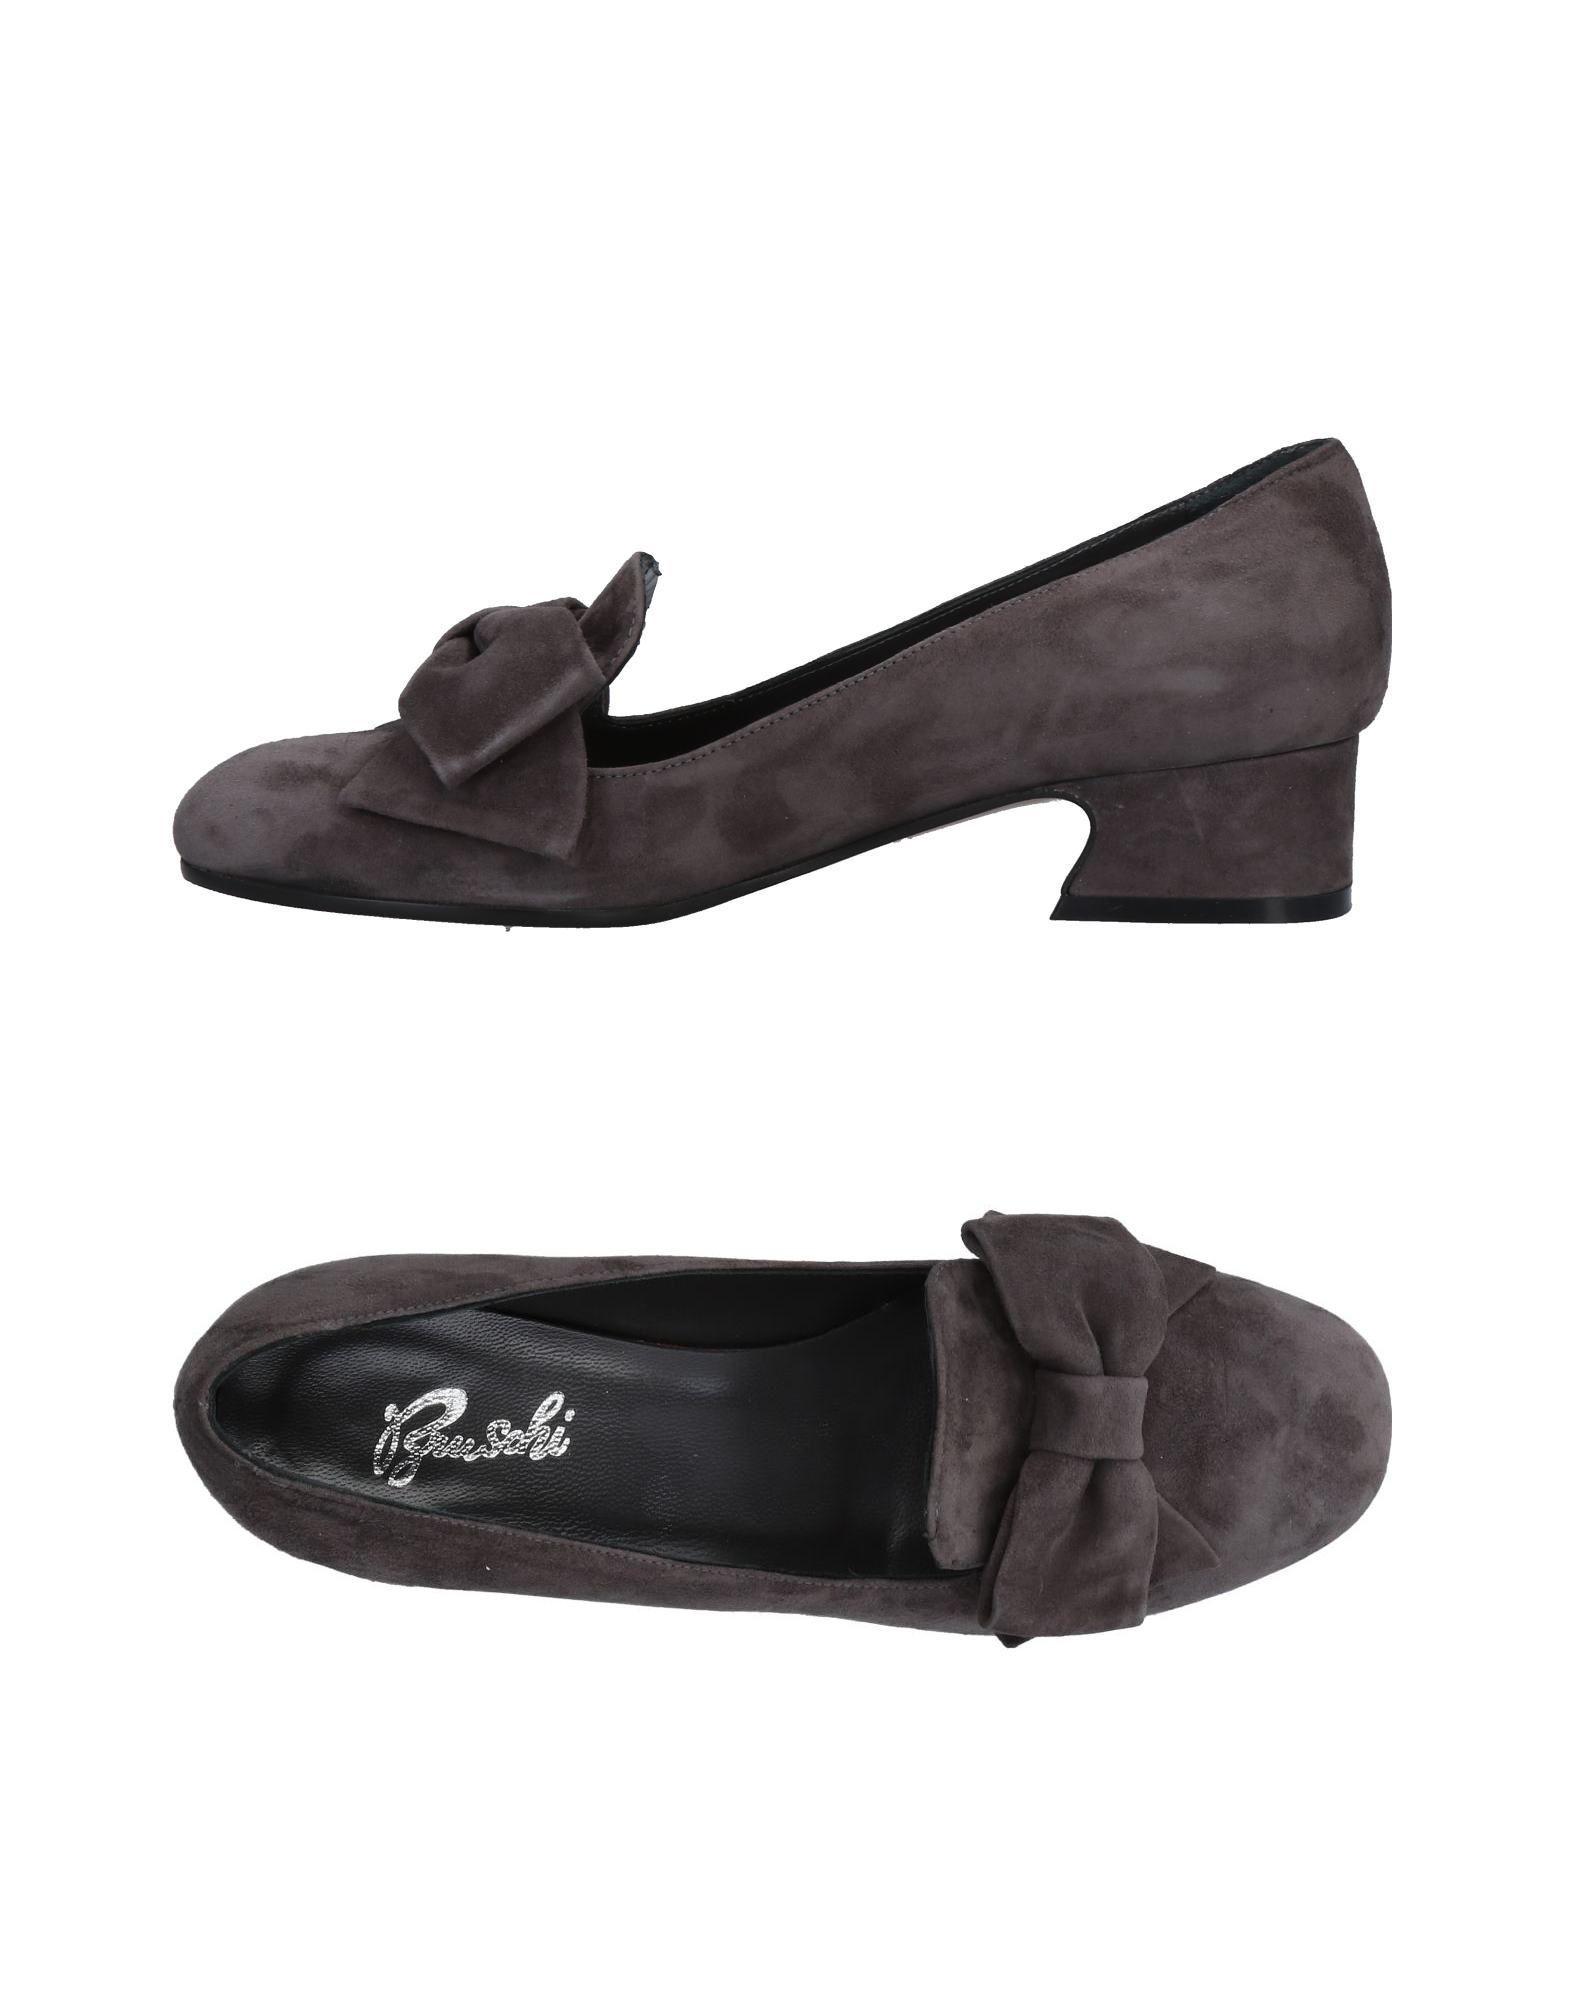 Bruschi Mokassins Damen  11486732US 11486732US 11486732US Gute Qualität beliebte Schuhe 84cd8c